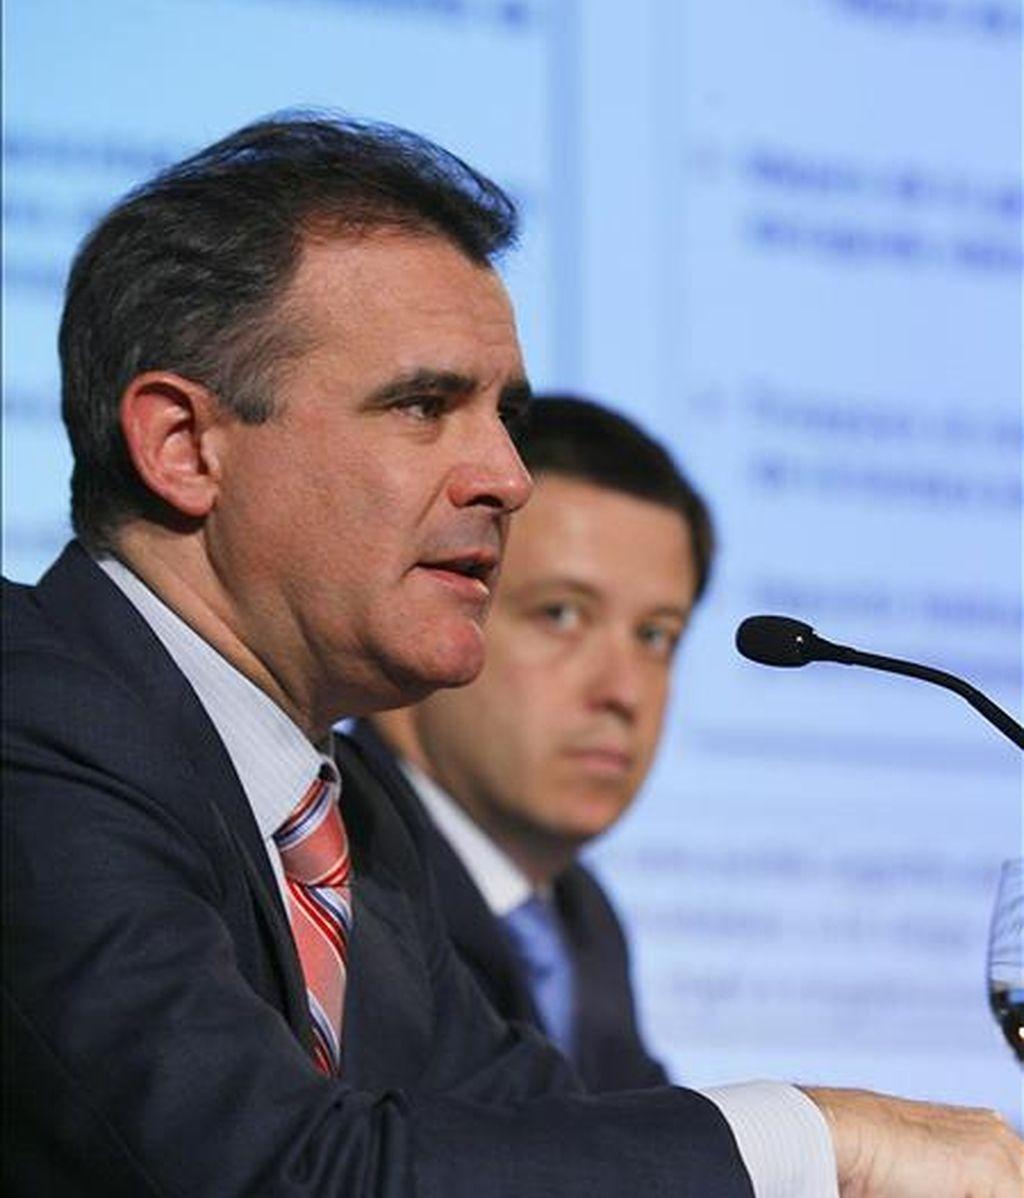 El presidente de Uralita, Javier Serratosa (i), y el director de Planificación, Jorge Alarcón. EFE/Archivo